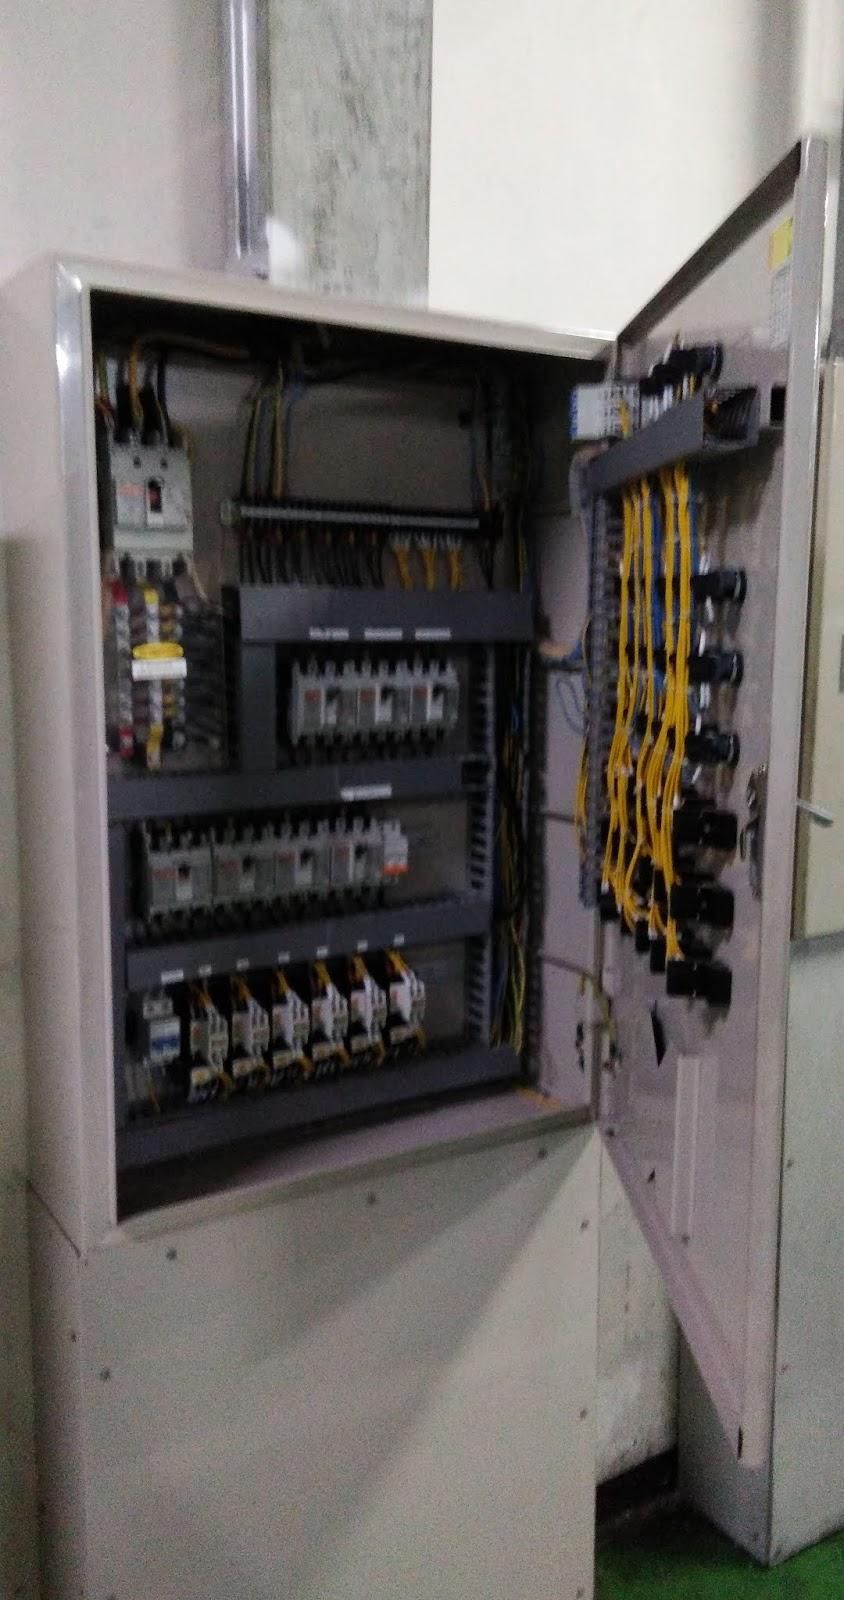 Pembuatan Wiring Diagram Panel Listrik Teknisi Listrik